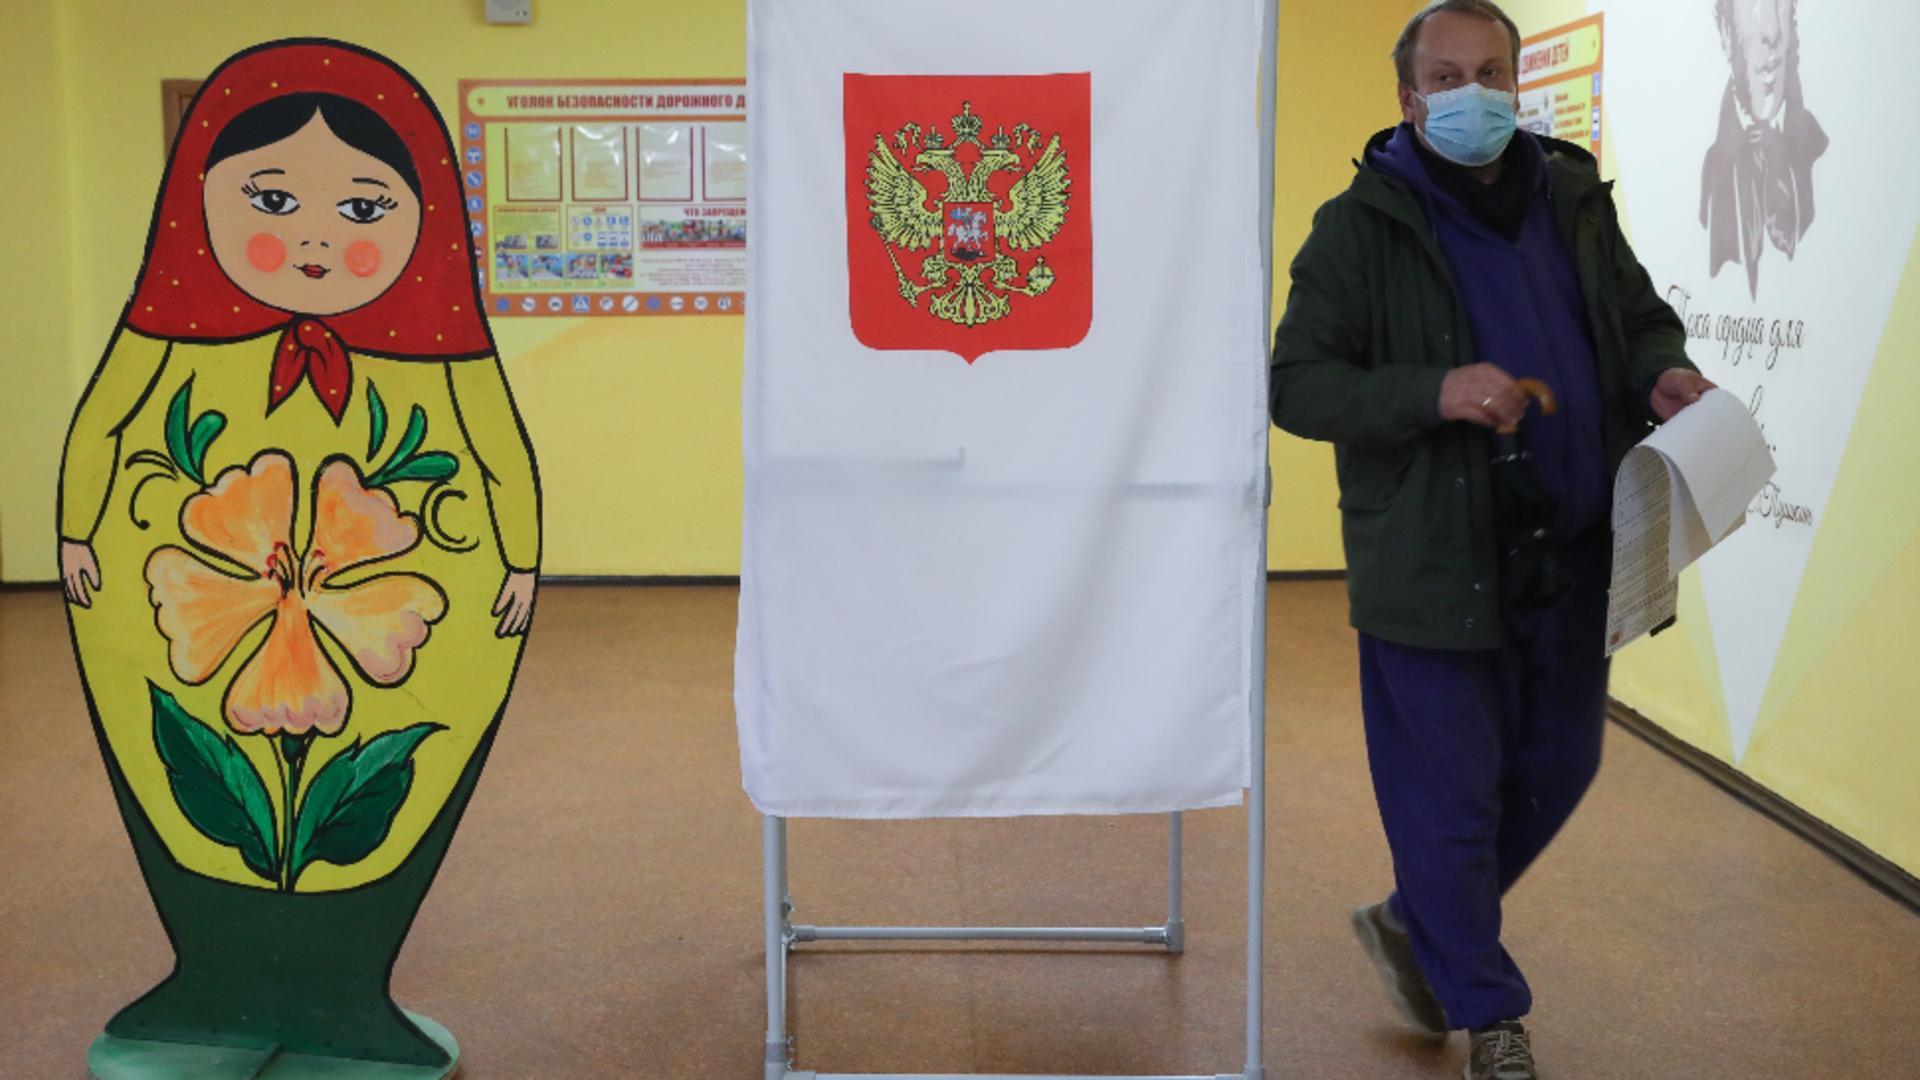 România nu recunoaște alegeriel organizate de Rusia în Crimeea și Transnistria. Foto/Profimedia